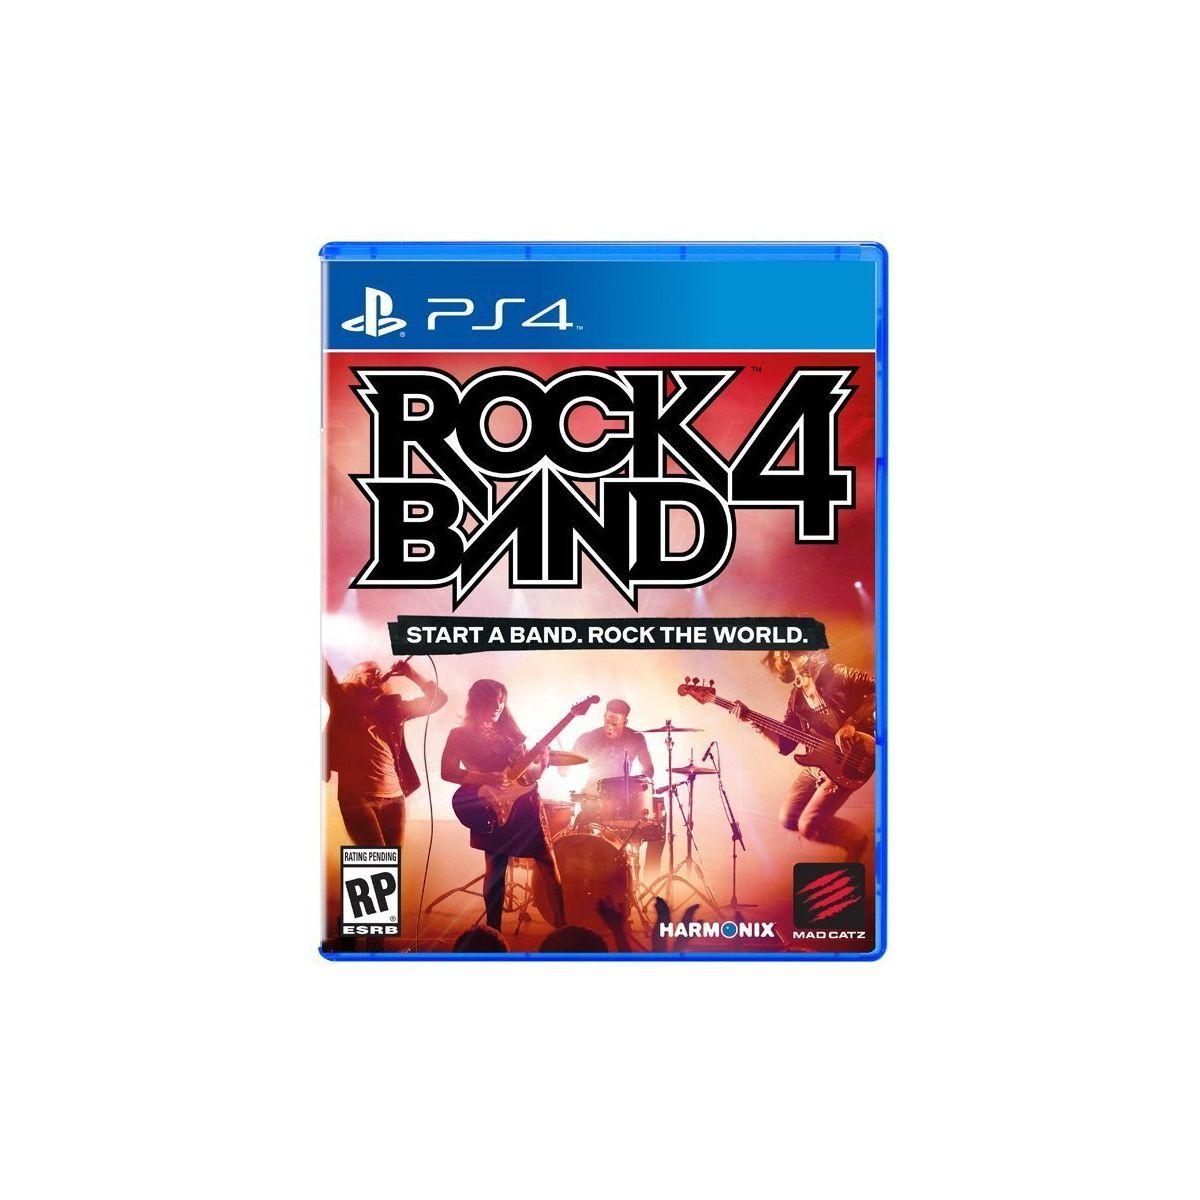 Jeu ps4 madcatz rock band 4 - 20% de remise immédiate avec le code : multi20 (photo)